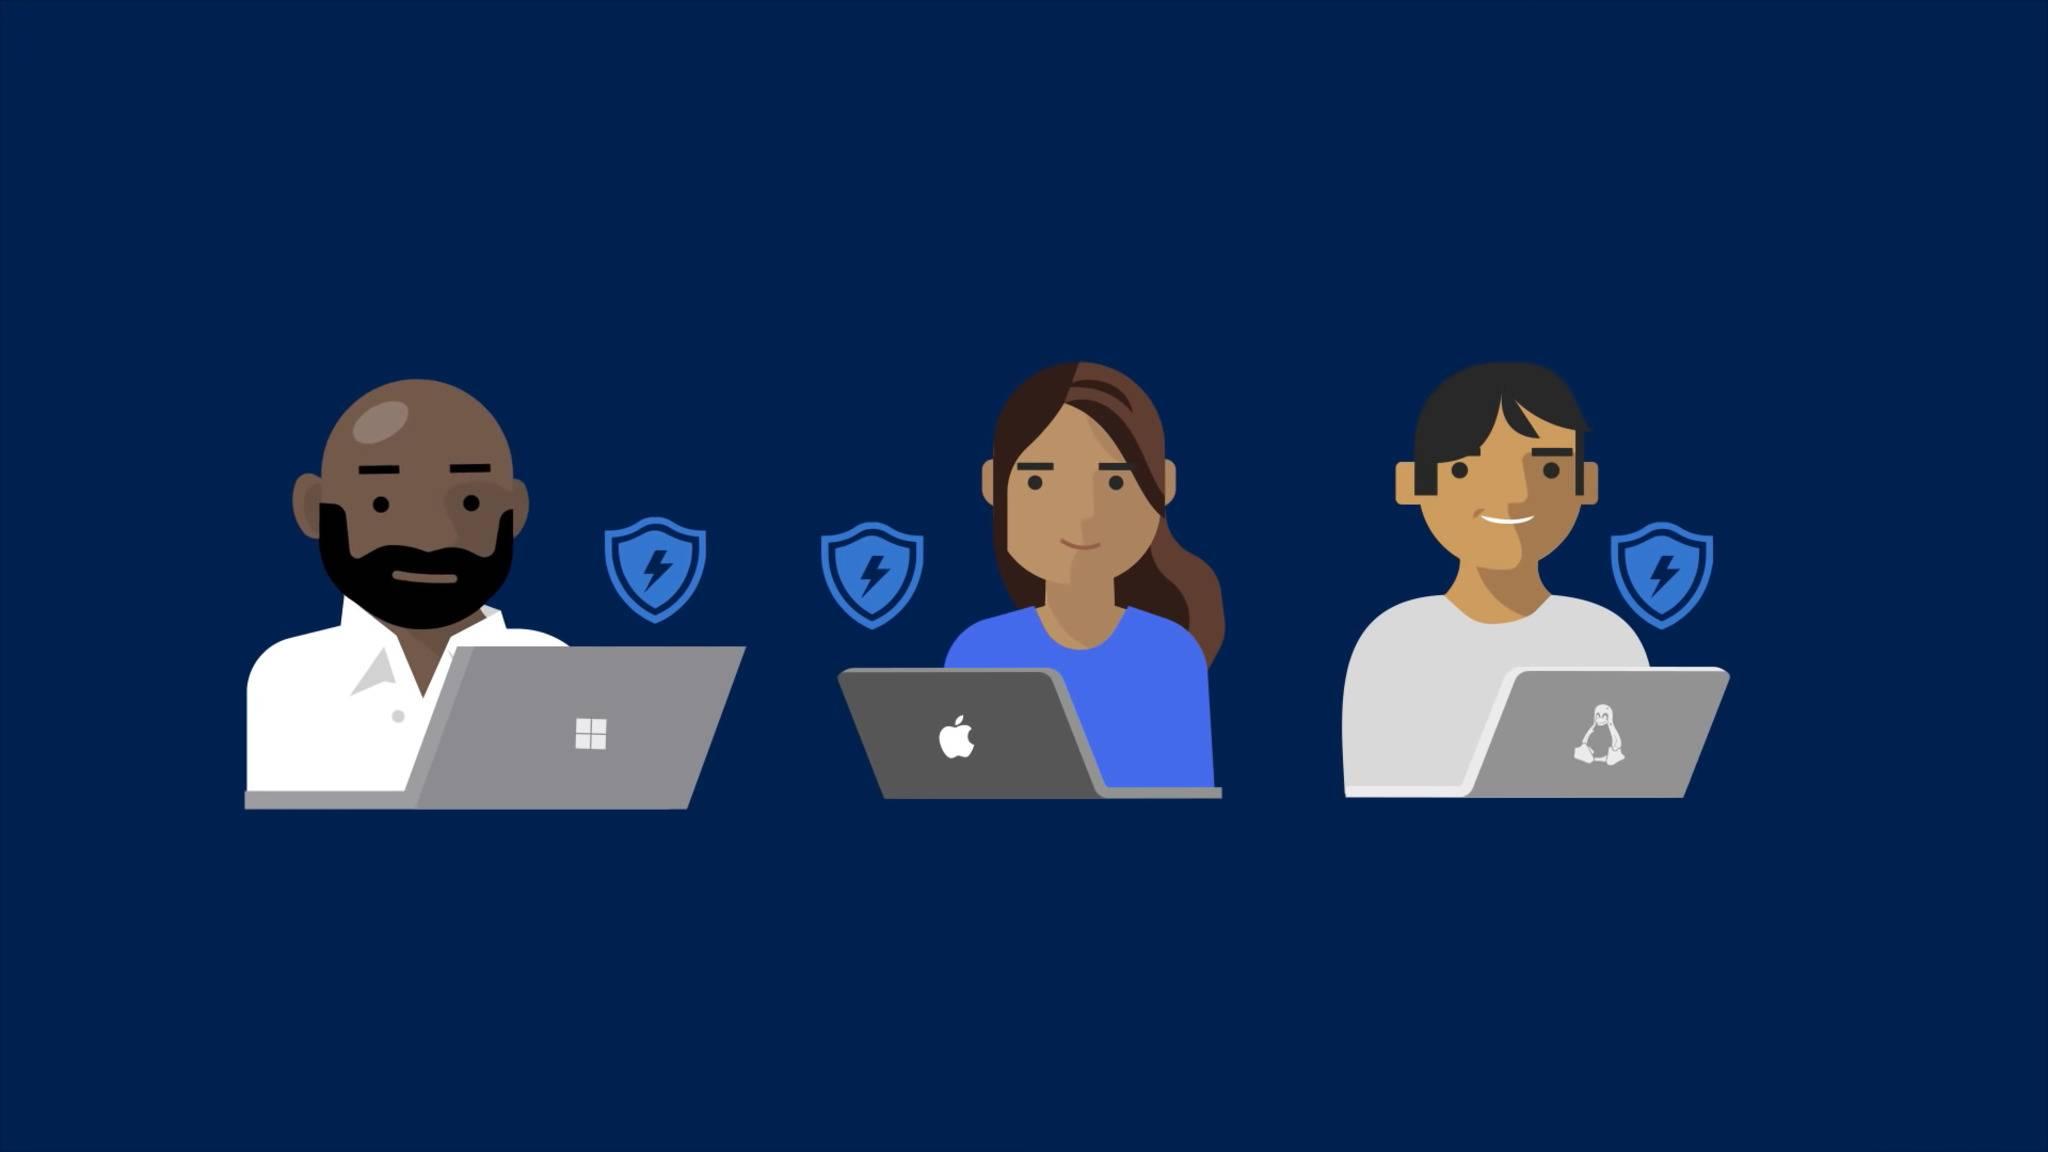 Microsoft bringt seine Sicherheitssoftwar auch für den Mac heraus.